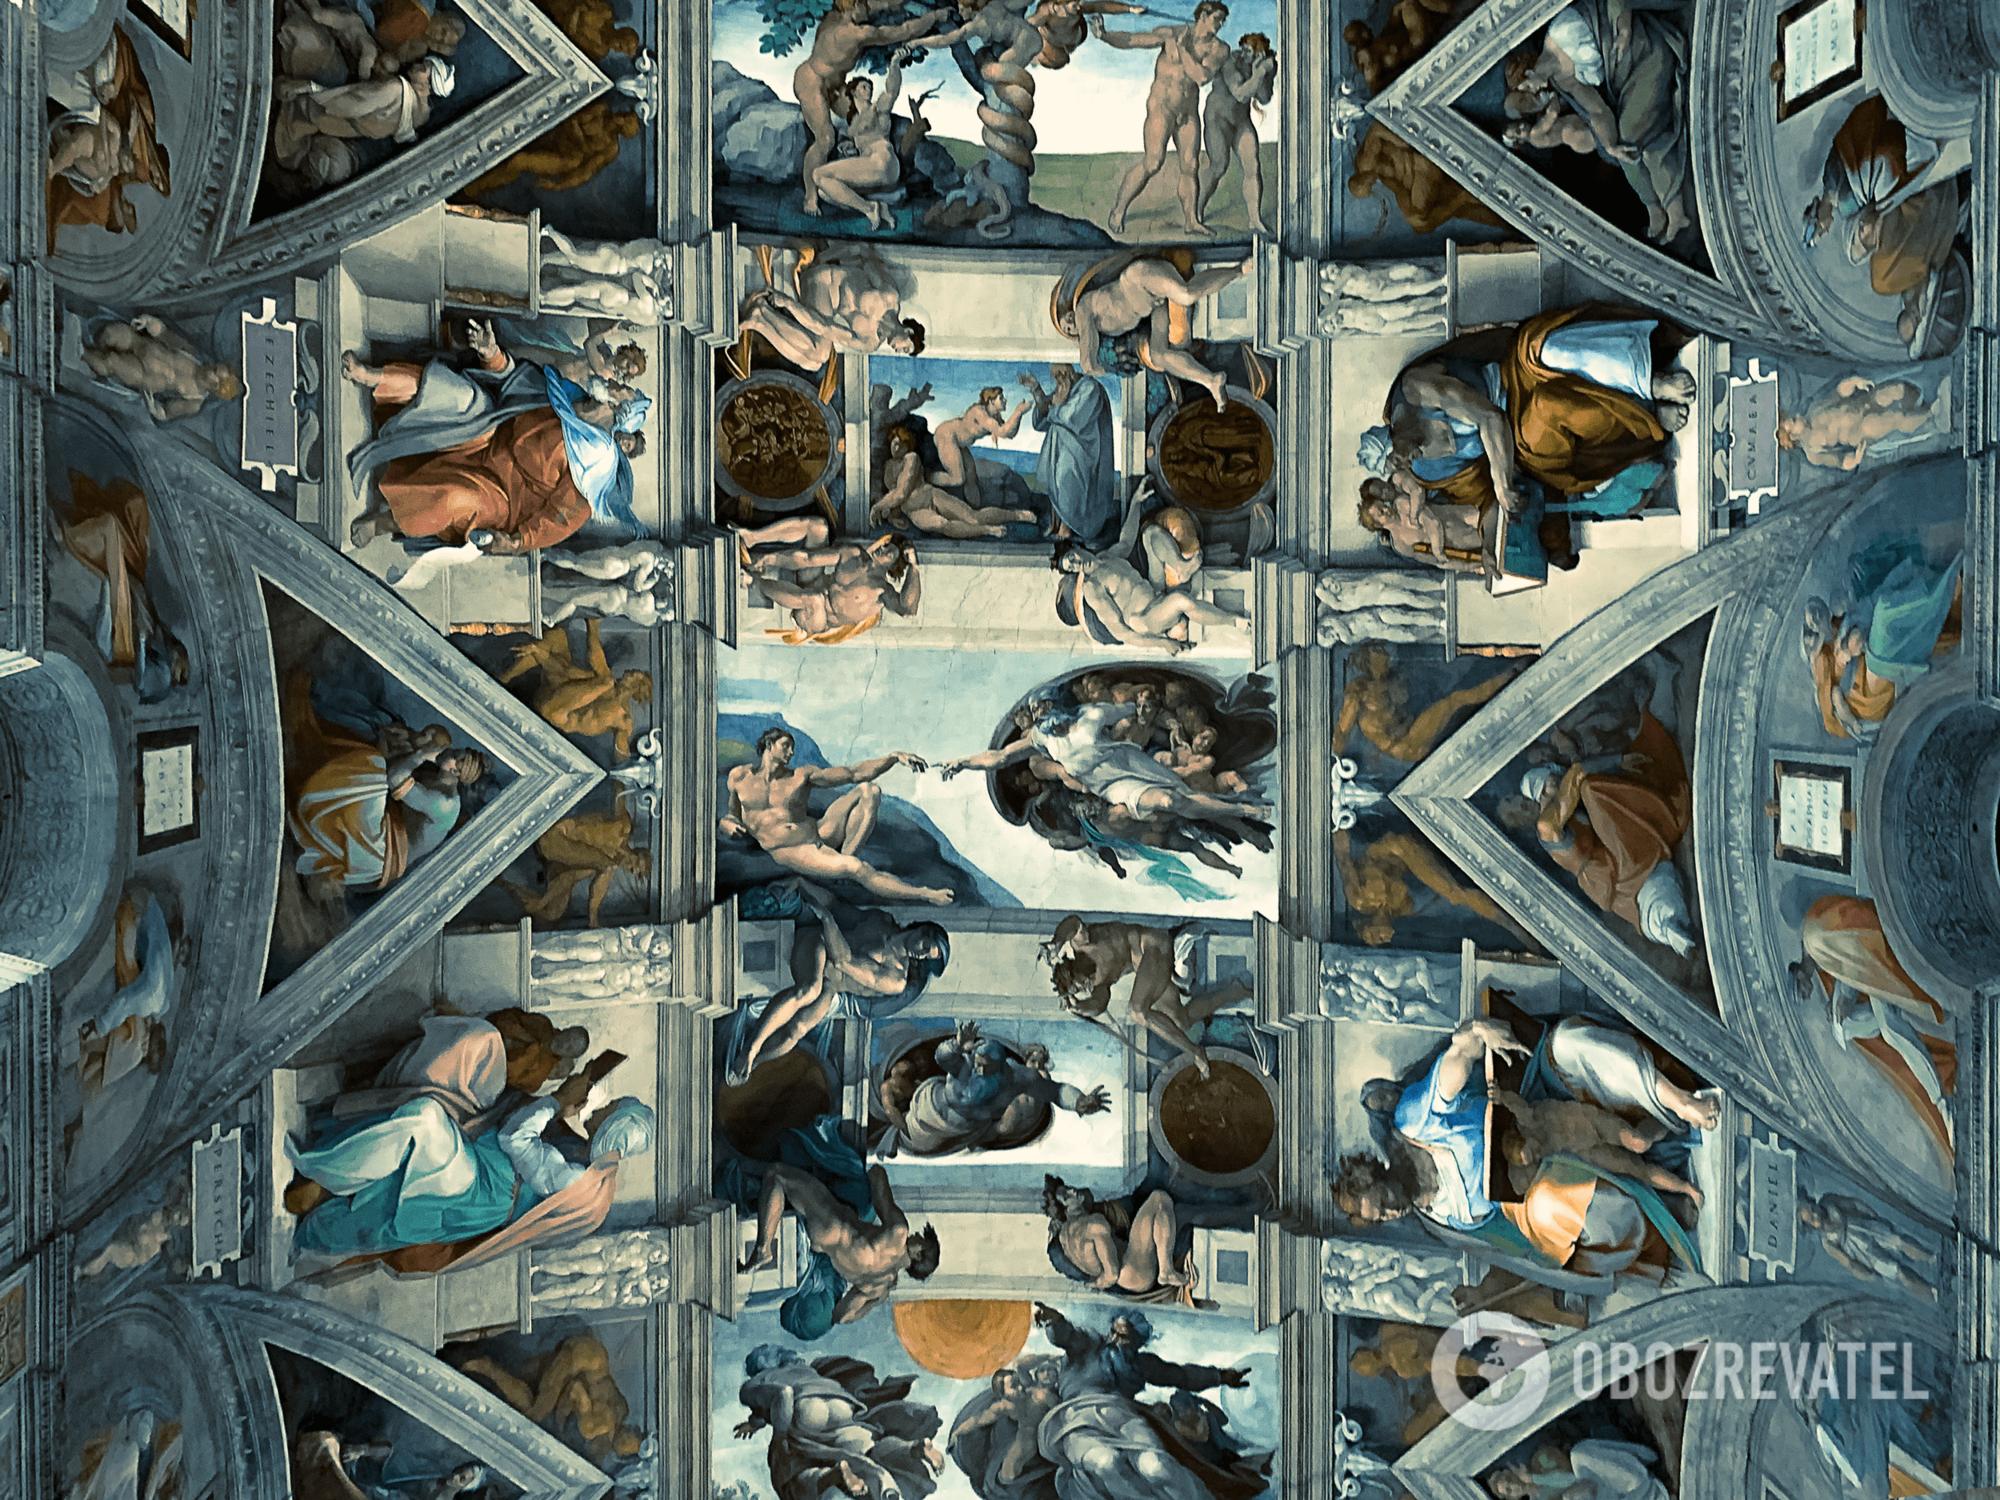 Рим: что посмотреть и где лучше жить